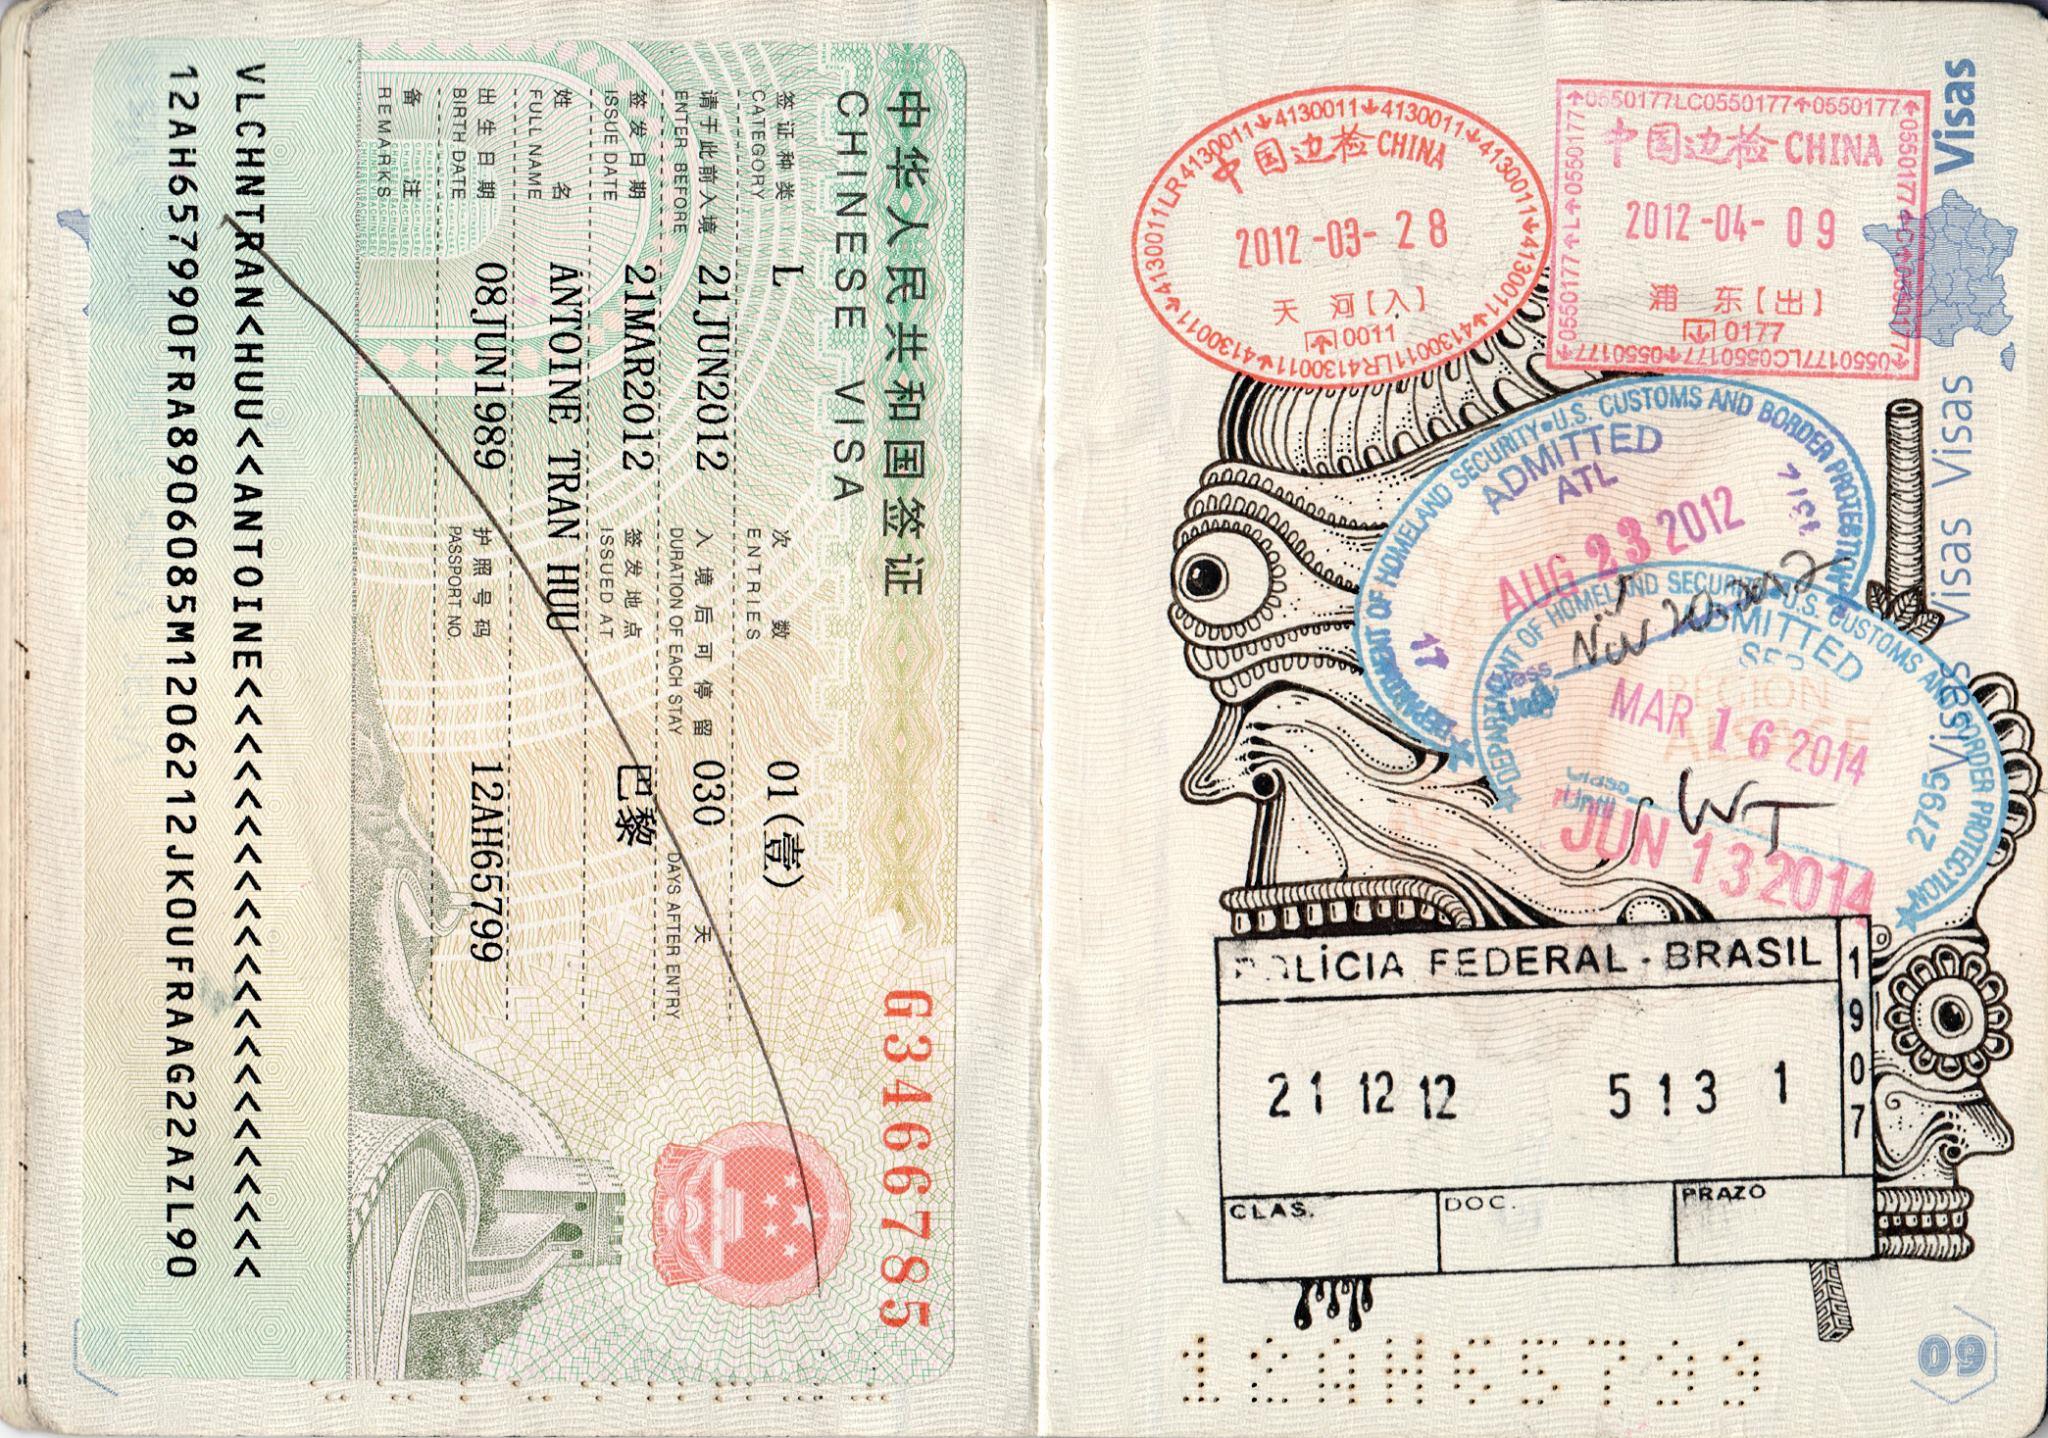 passport illustration 2